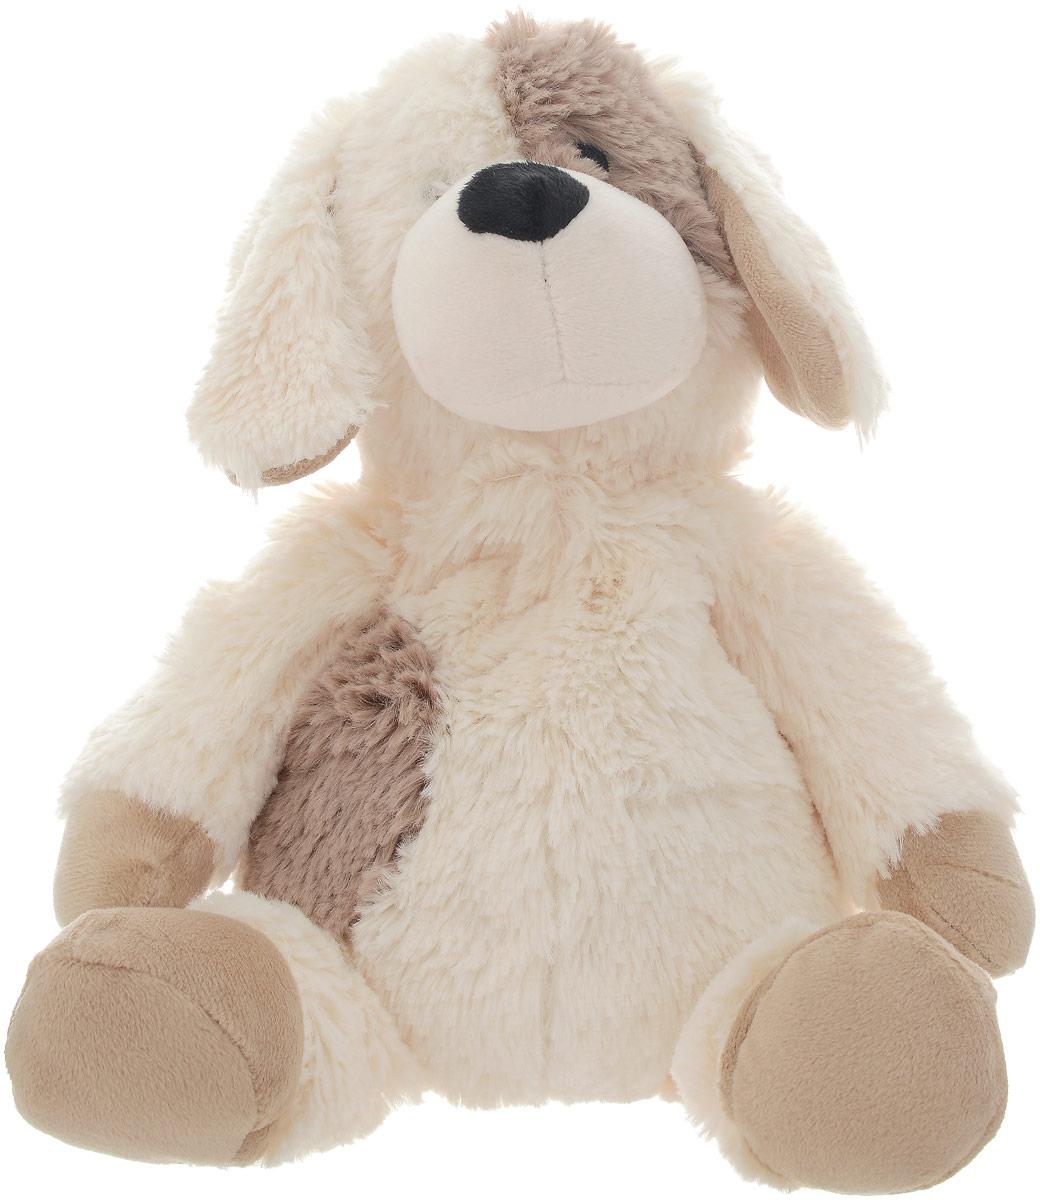 Warmies Мягкая игрушка-грелка Песик цвет бежевый грелки warmies cozy plush игрушка грелка дракон